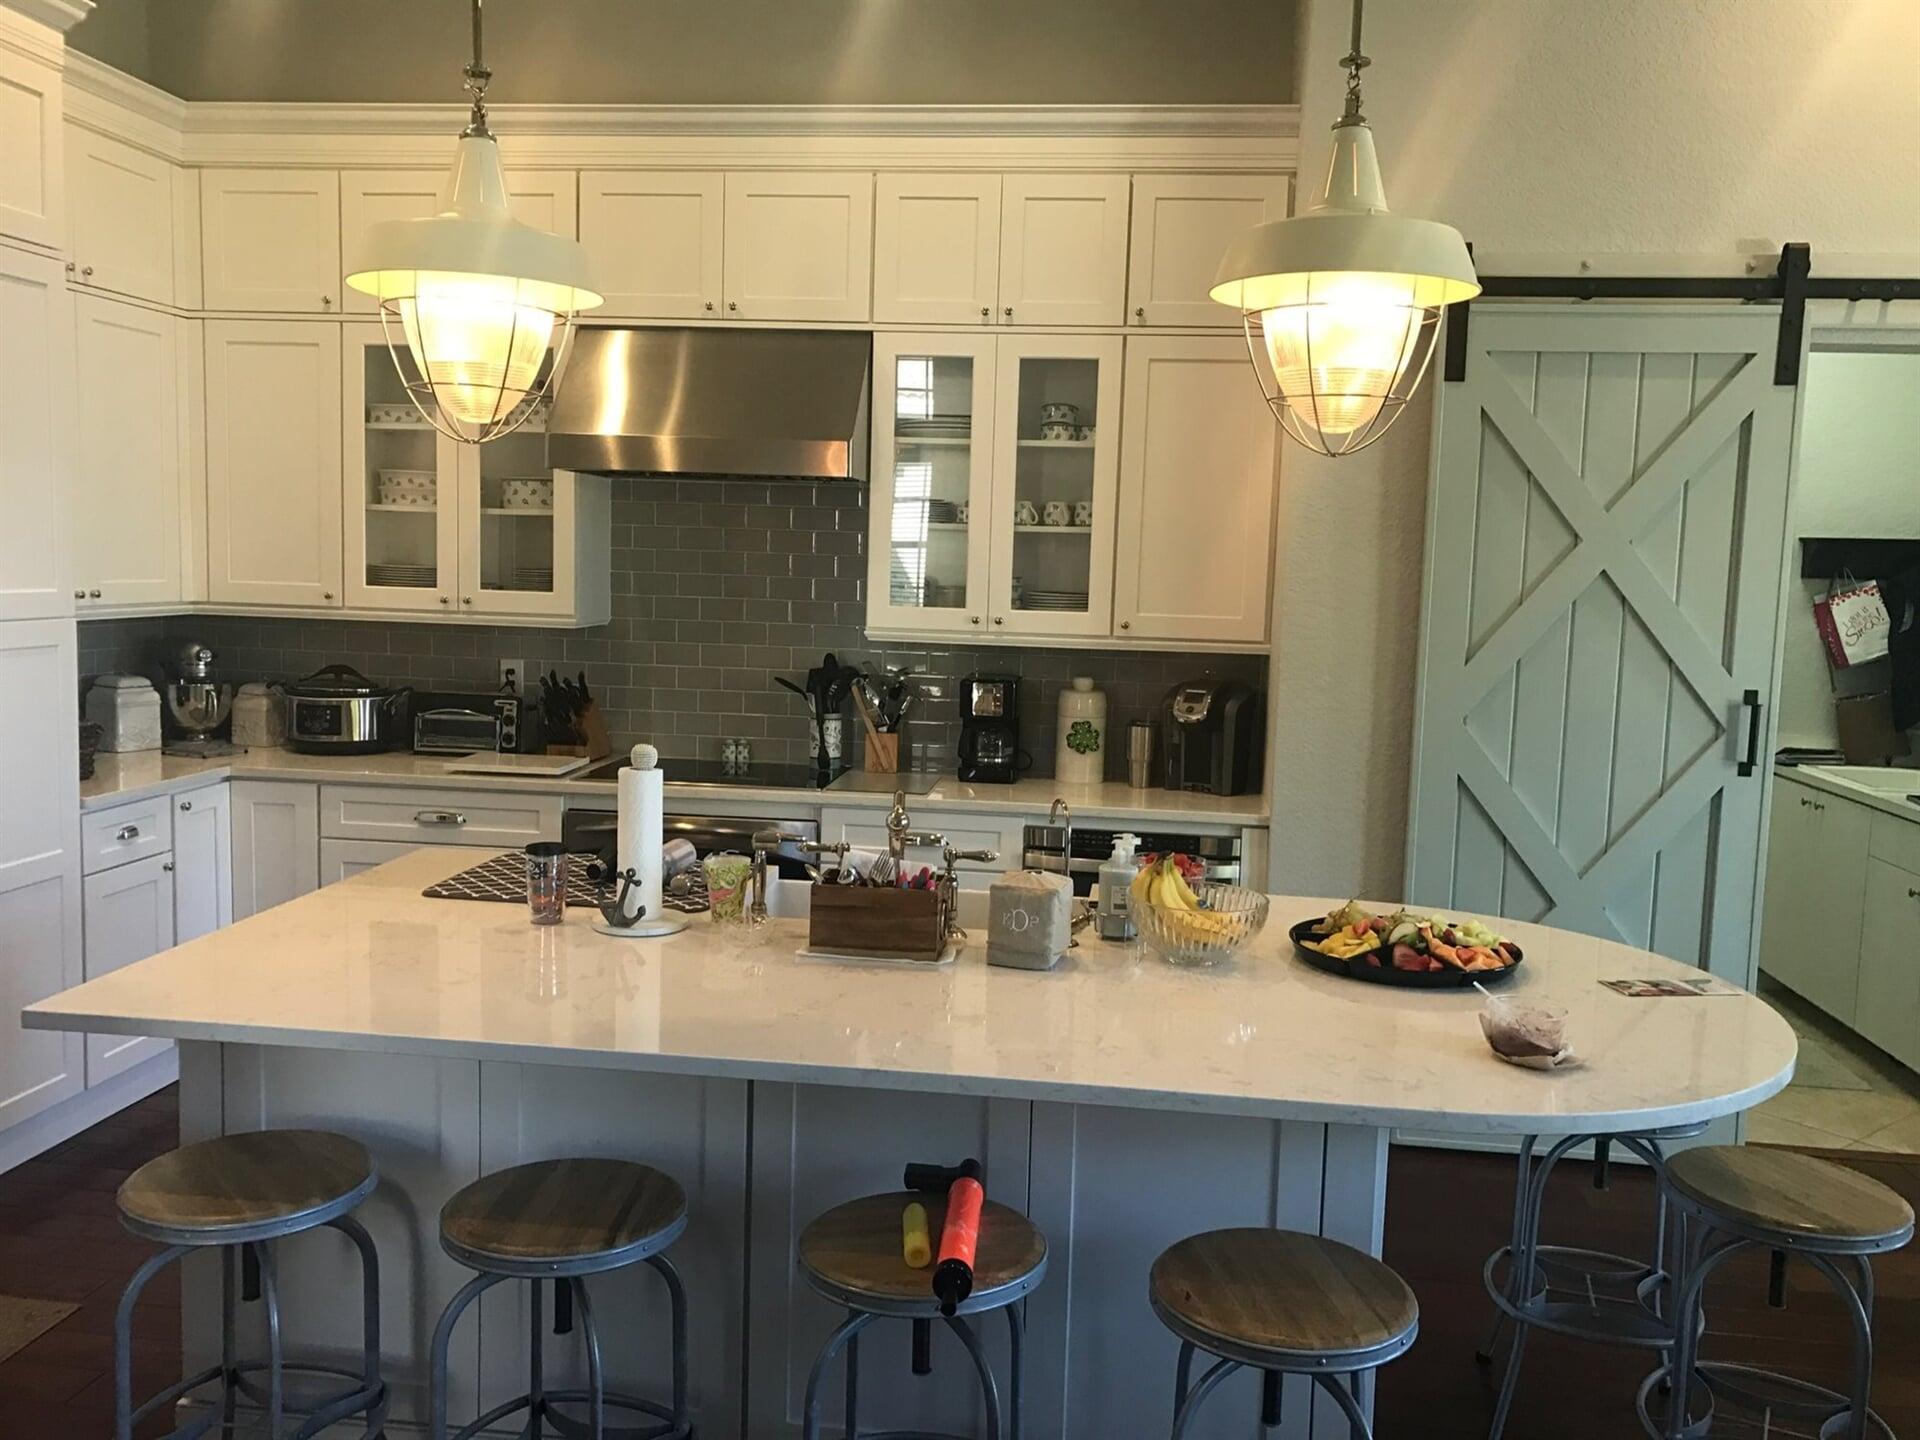 Modern kitchen design in Palm Beach Gardens, FL from Floors For You Kitchen & Bath